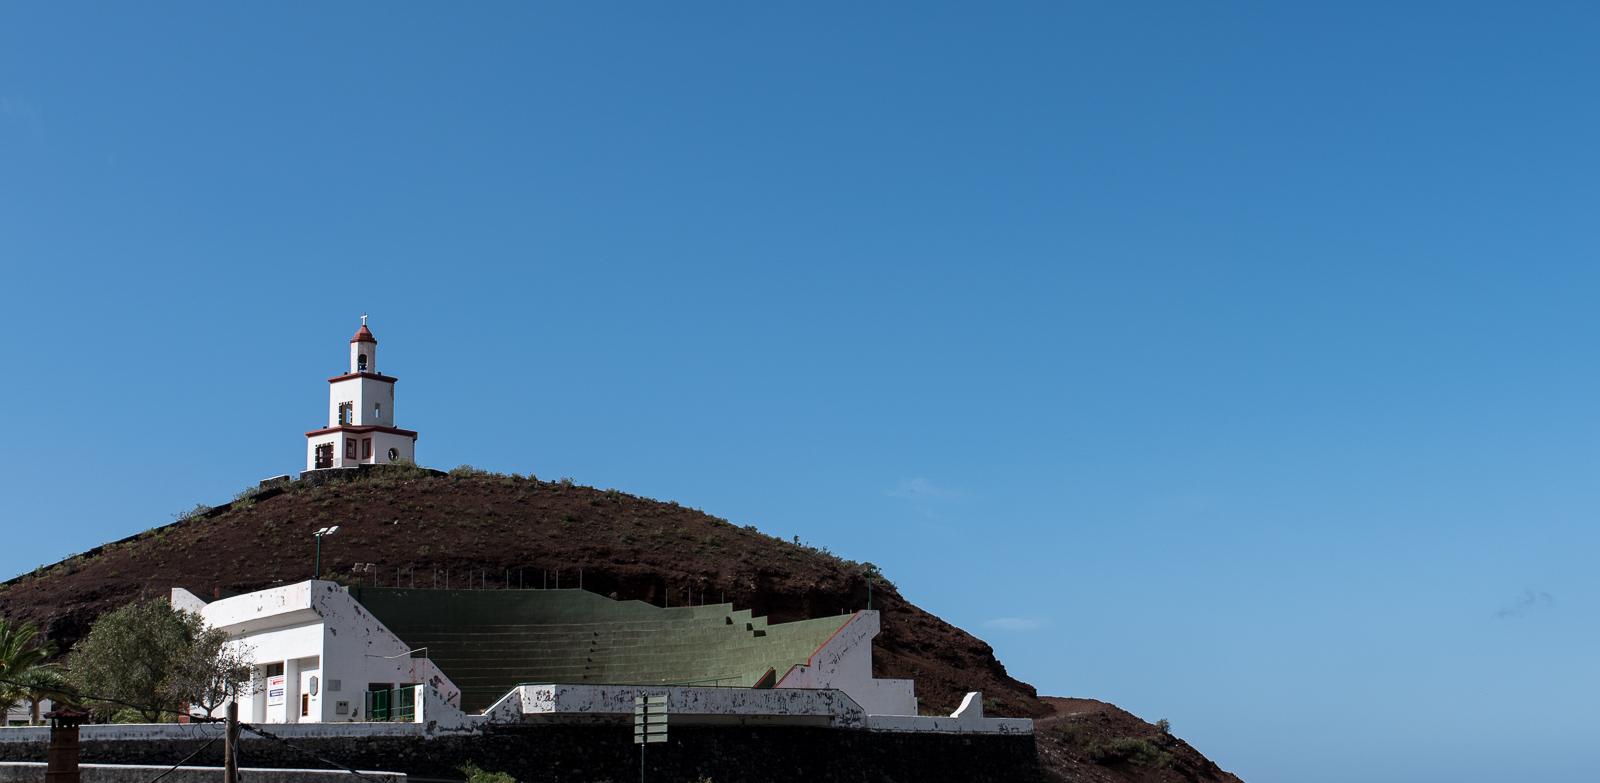 Ermita de la Candelaria in La Frontera